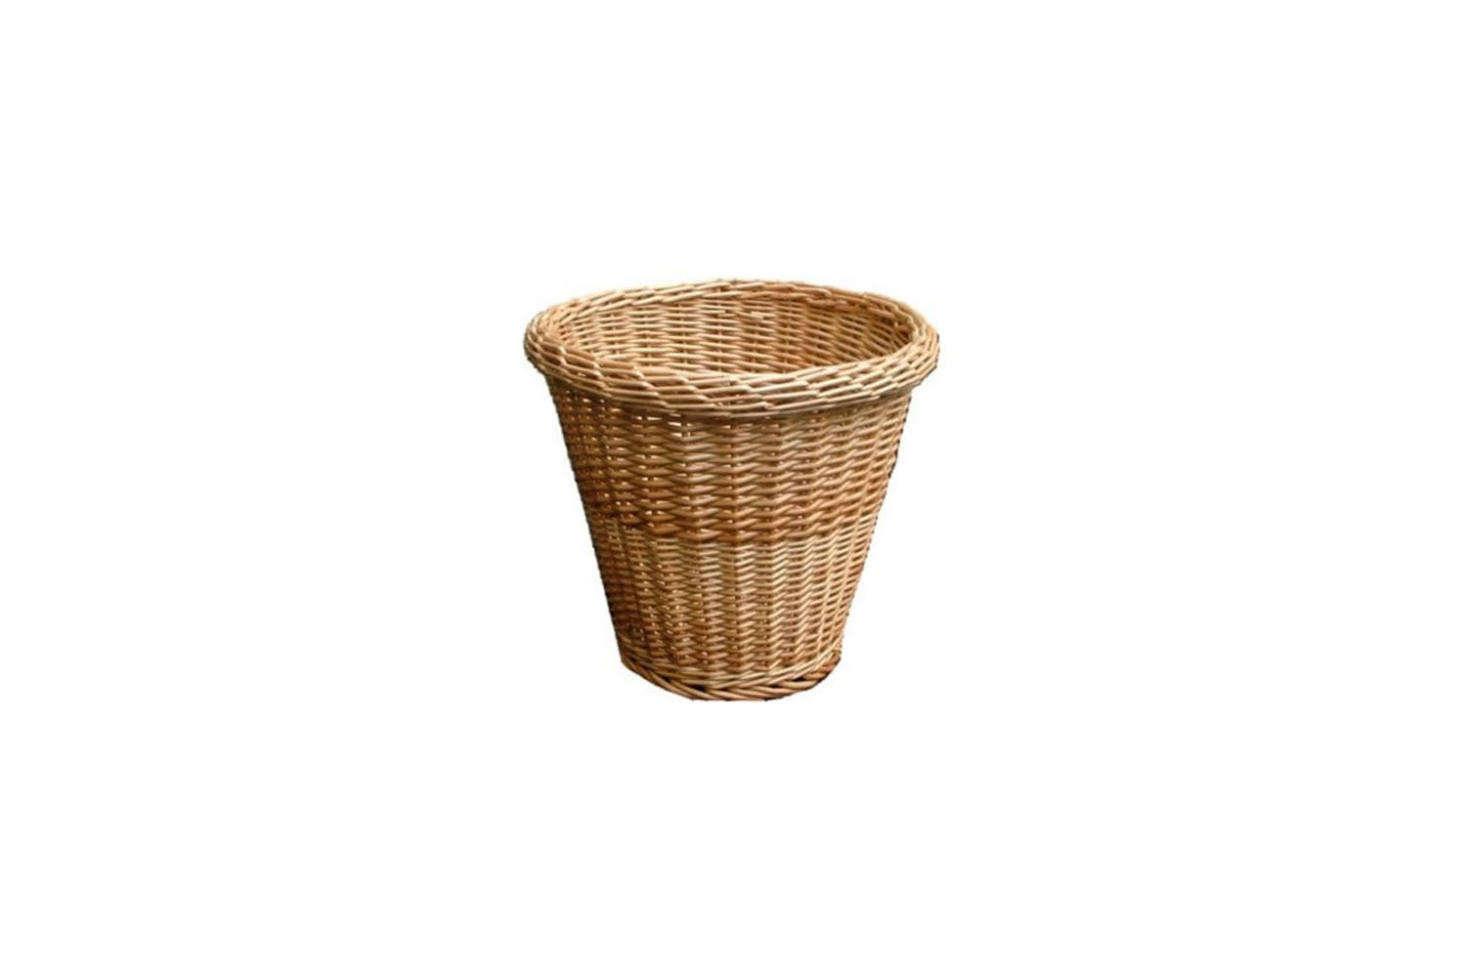 A simple Round Wicker Waste Paper Bin is £src=